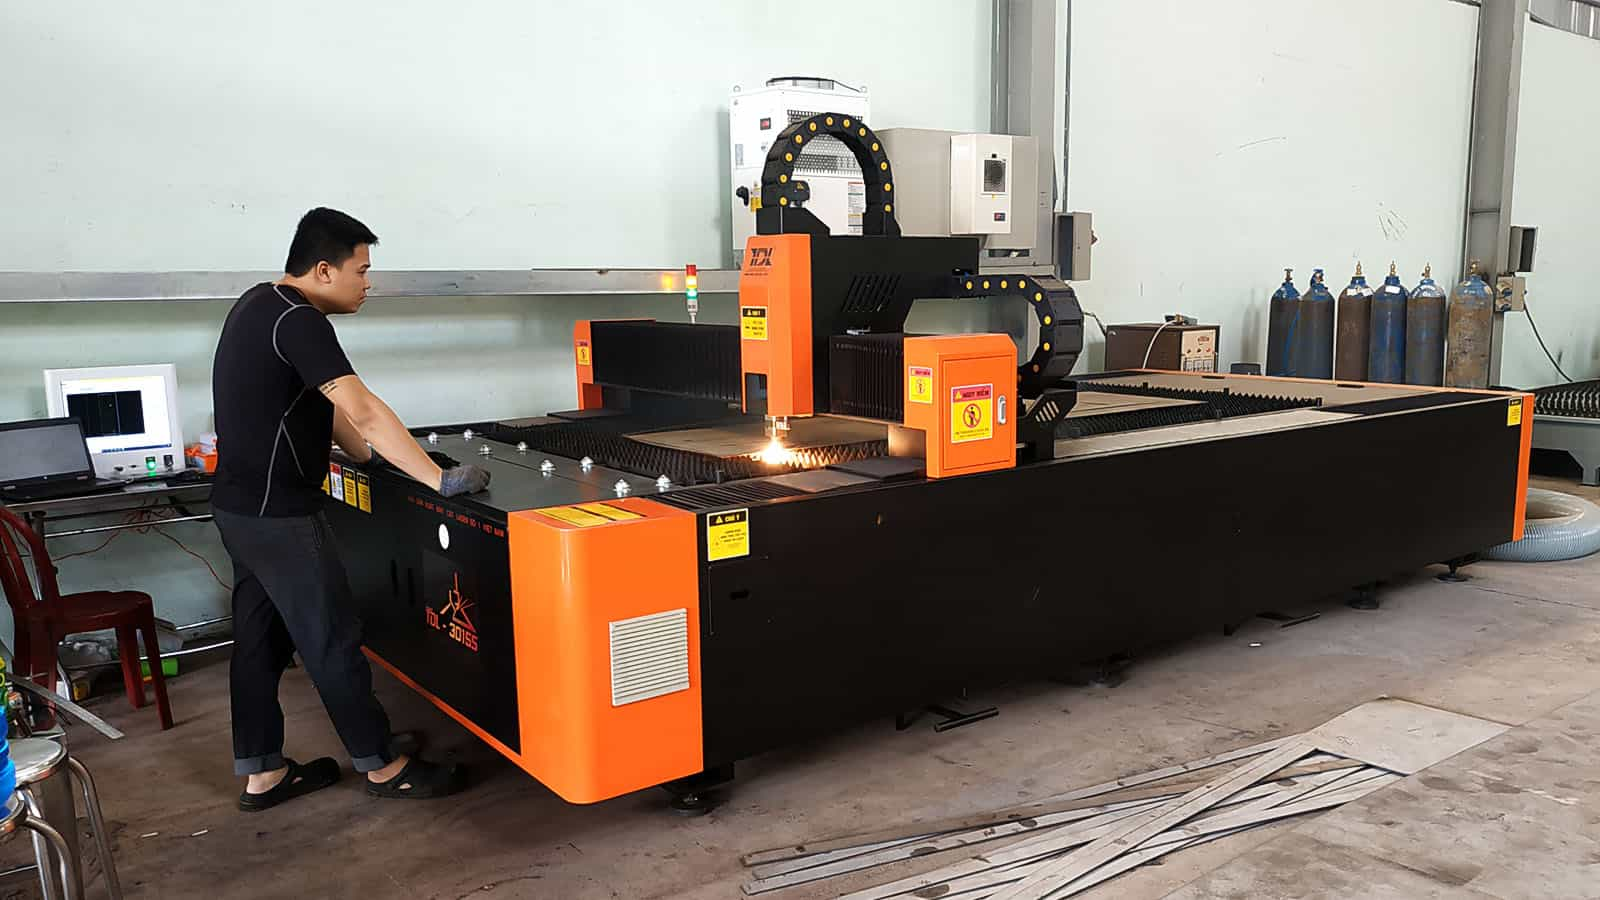 Bàn giao máy cắt Laser TDL-3015S nguồn 1500W tại Công ty Sáu Tèo - Máy 2